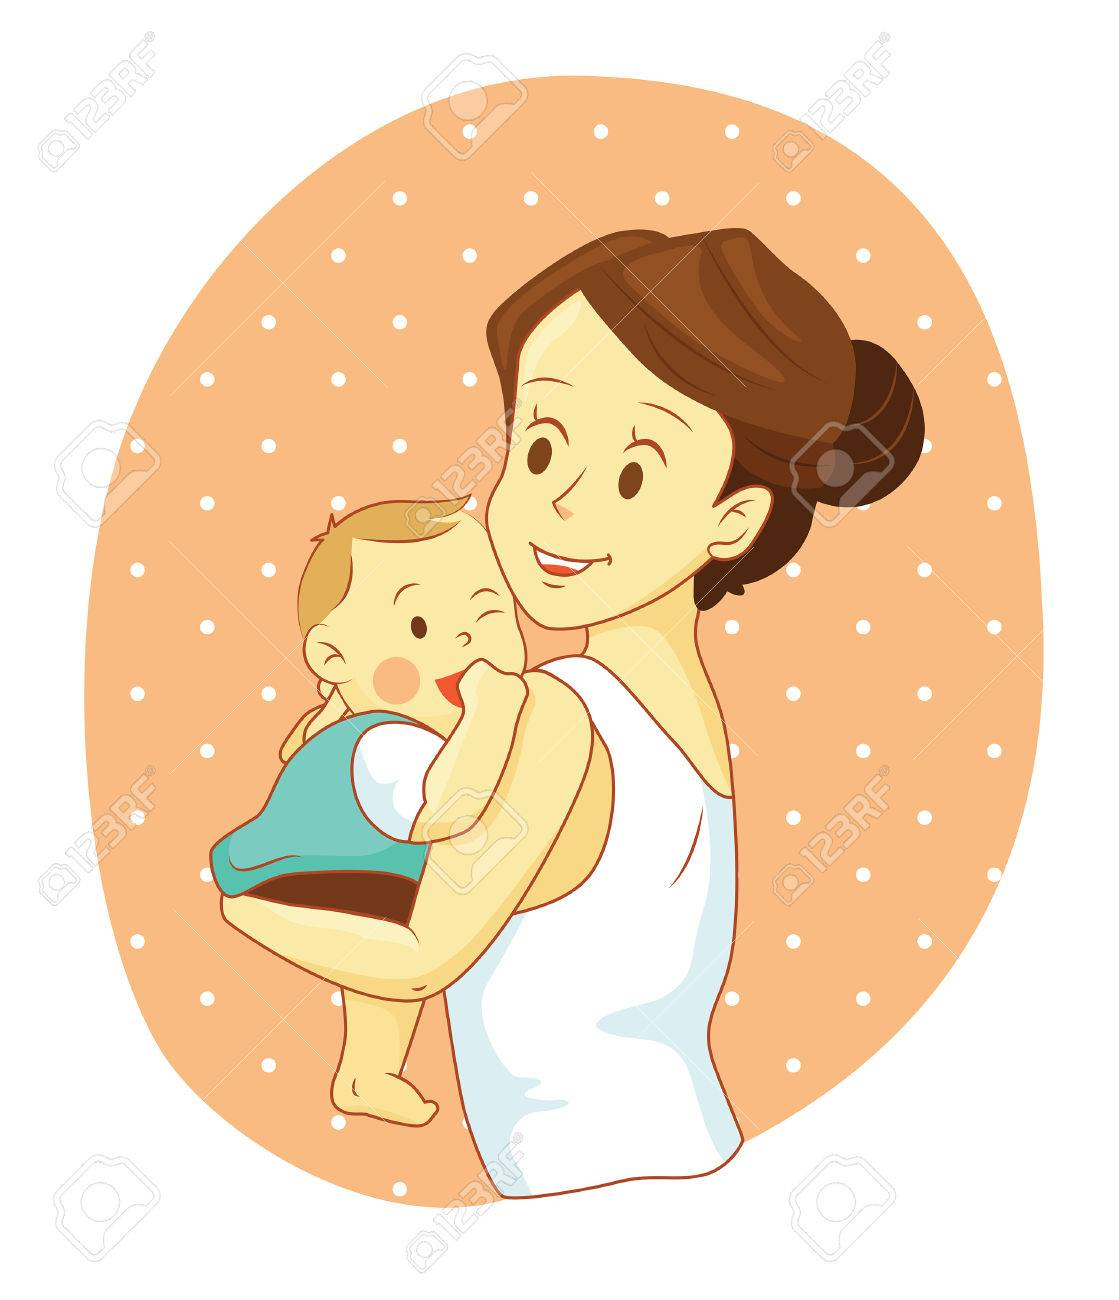 幸せママの赤ちゃんを抱いてのイラスト素材ベクタ Image 43928680